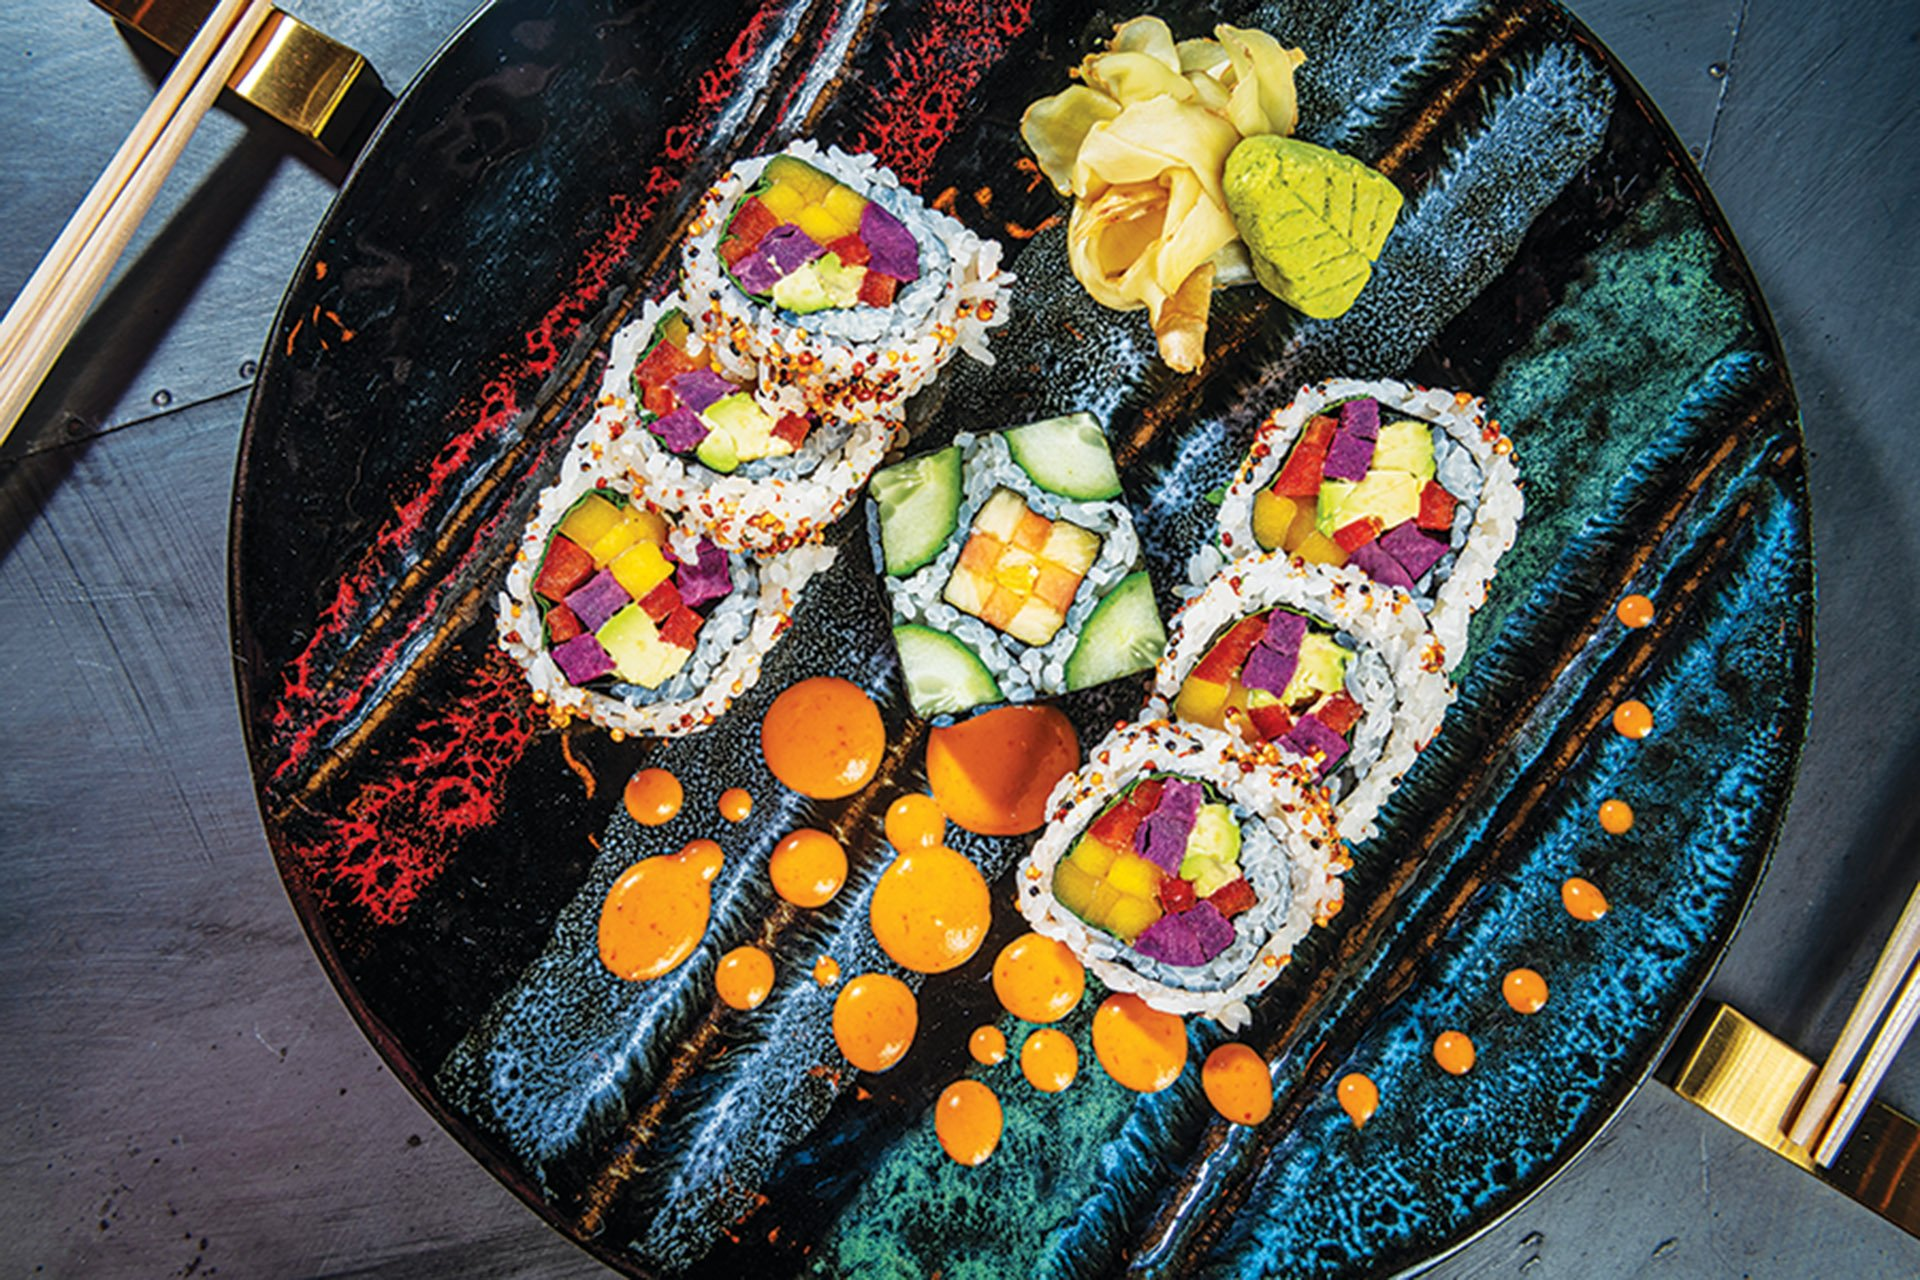 Nara-Ya vegetable sushi